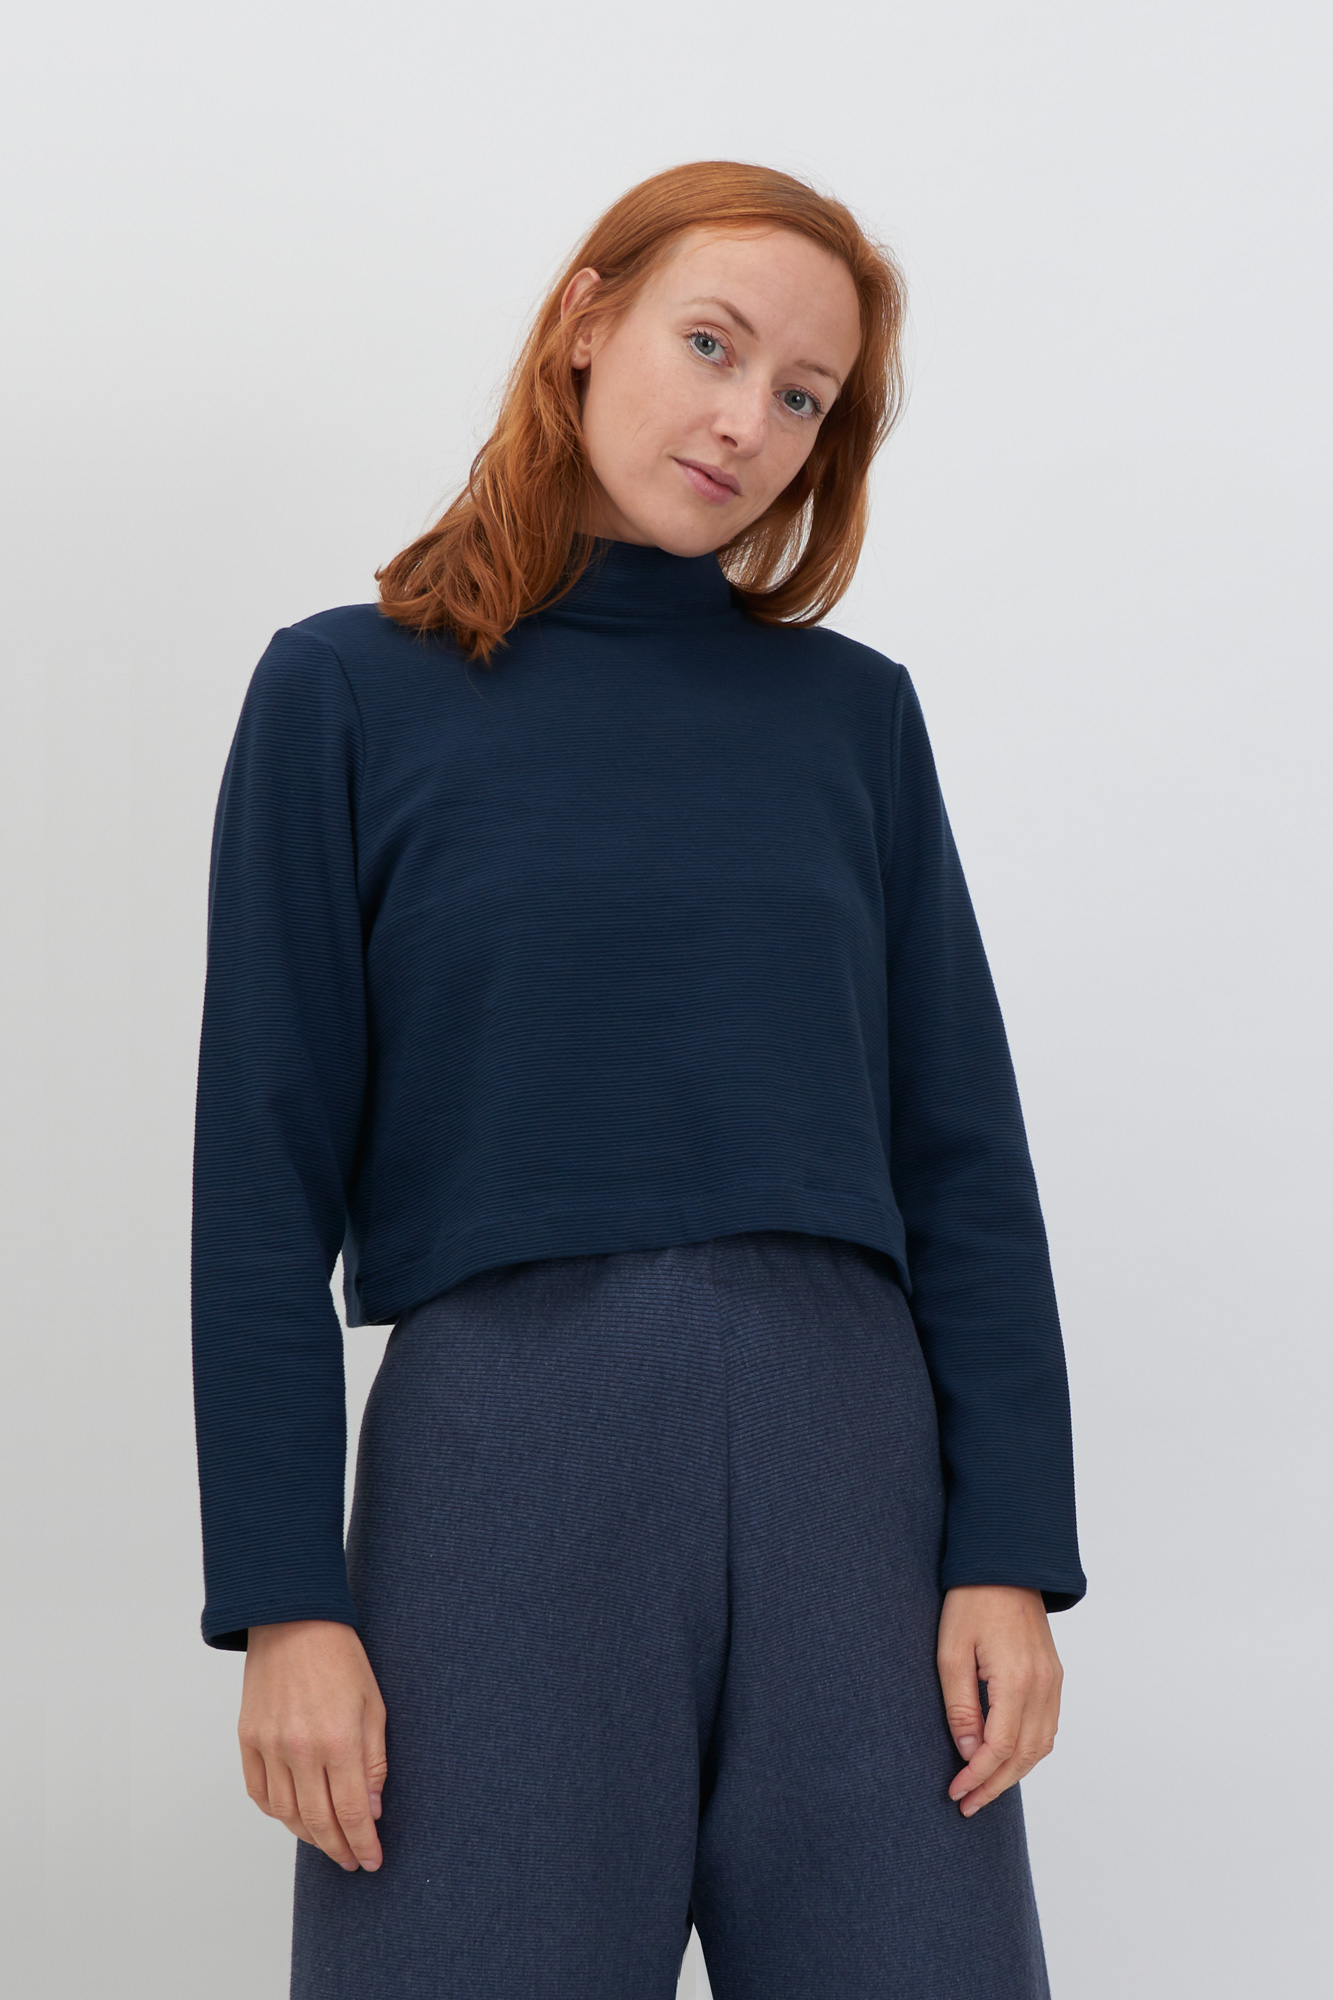 Sweater-Navy-Front-ZOOM.jpg